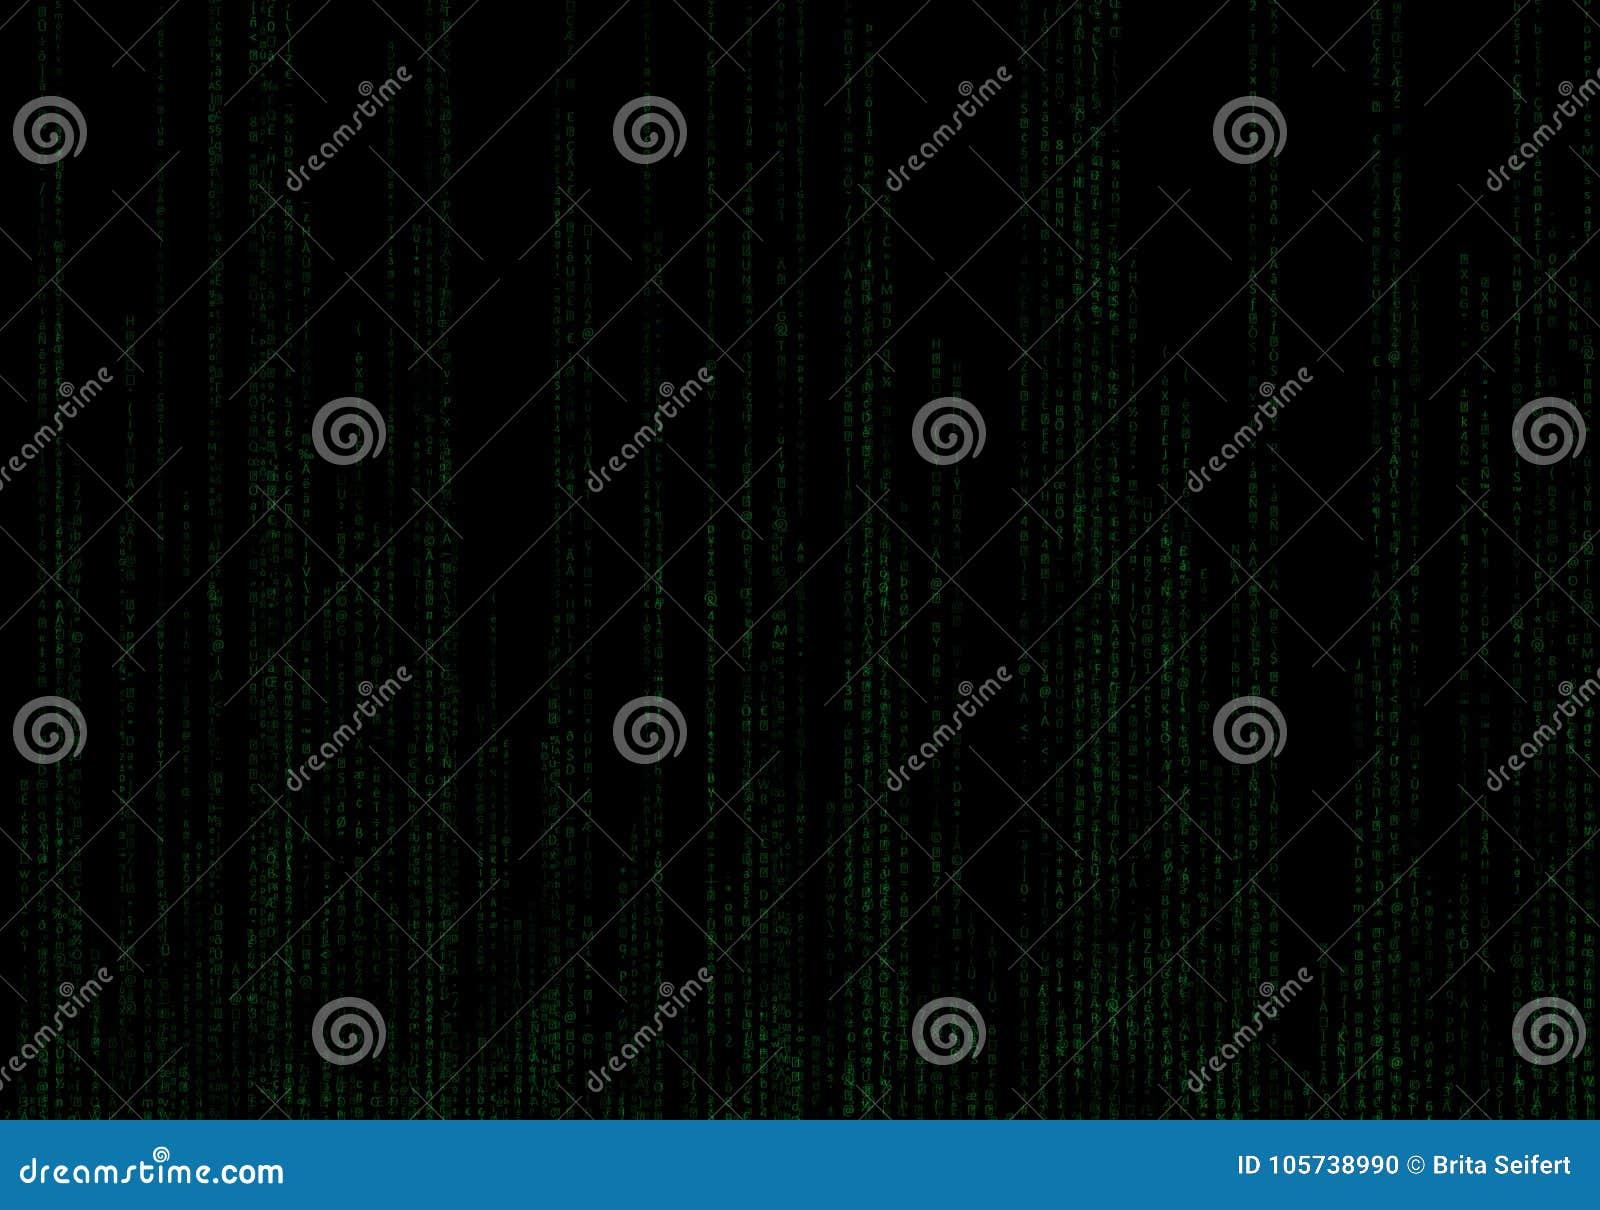 Предпосылка бинарного кода черная и зеленая с числами